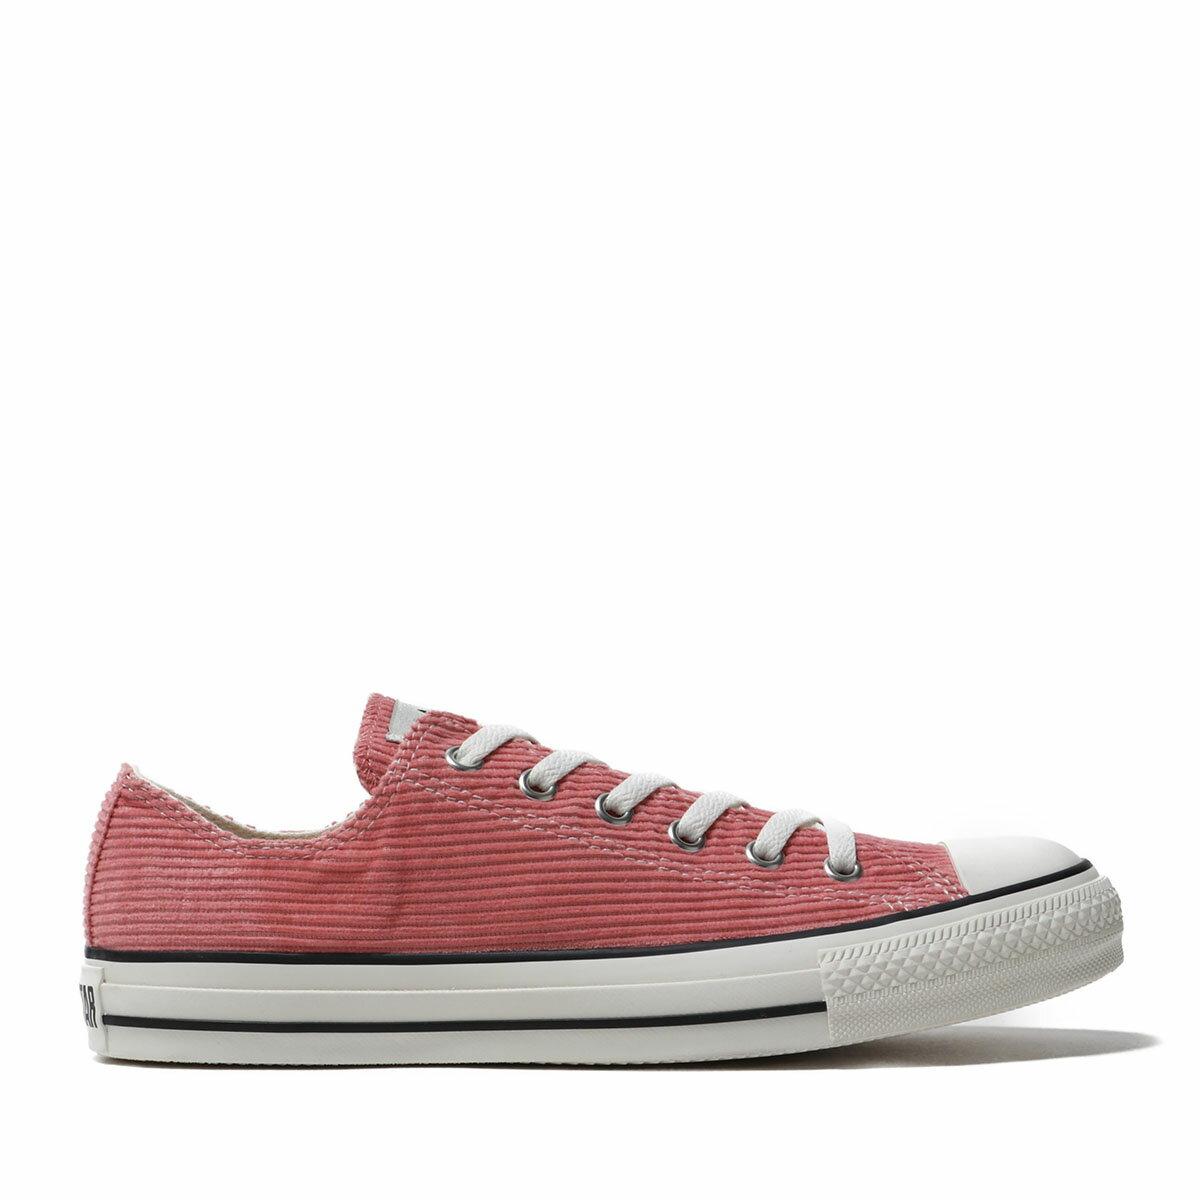 メンズ靴, スニーカー CONVERSE ALL STAR WASHEDCORDUROY OX()( OX)19HO-I